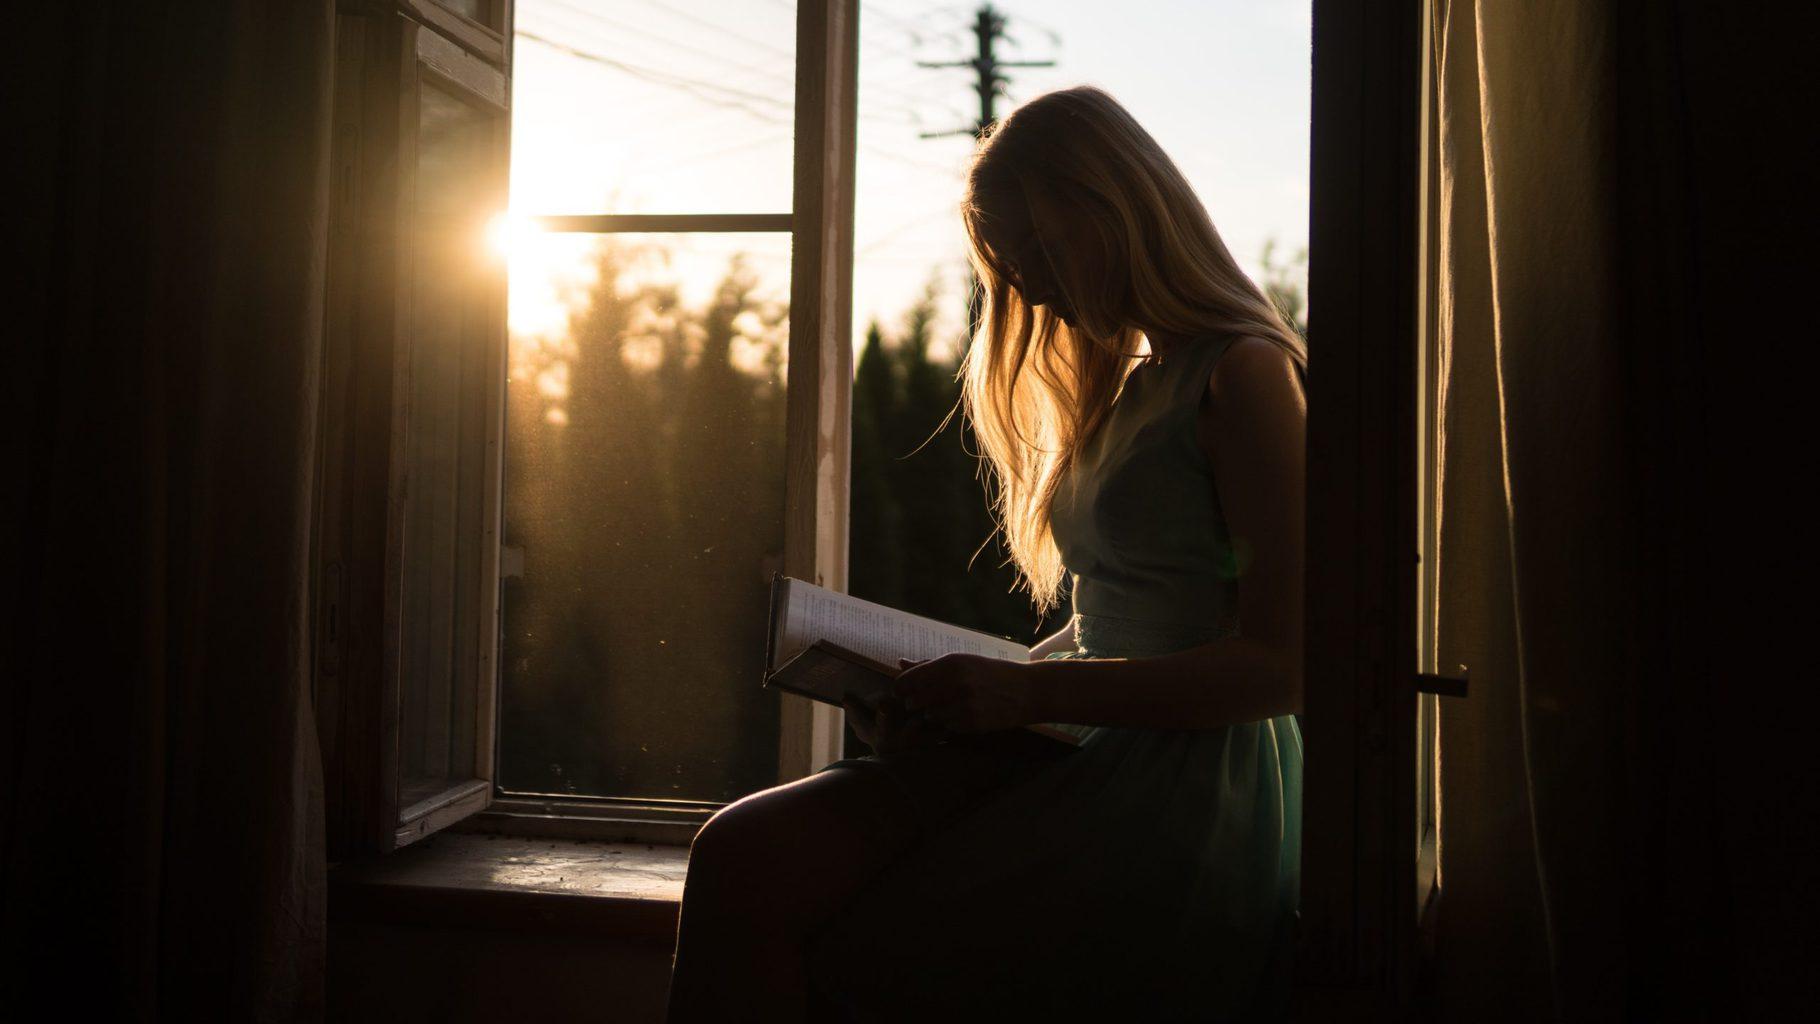 mujer leyendo en ventana